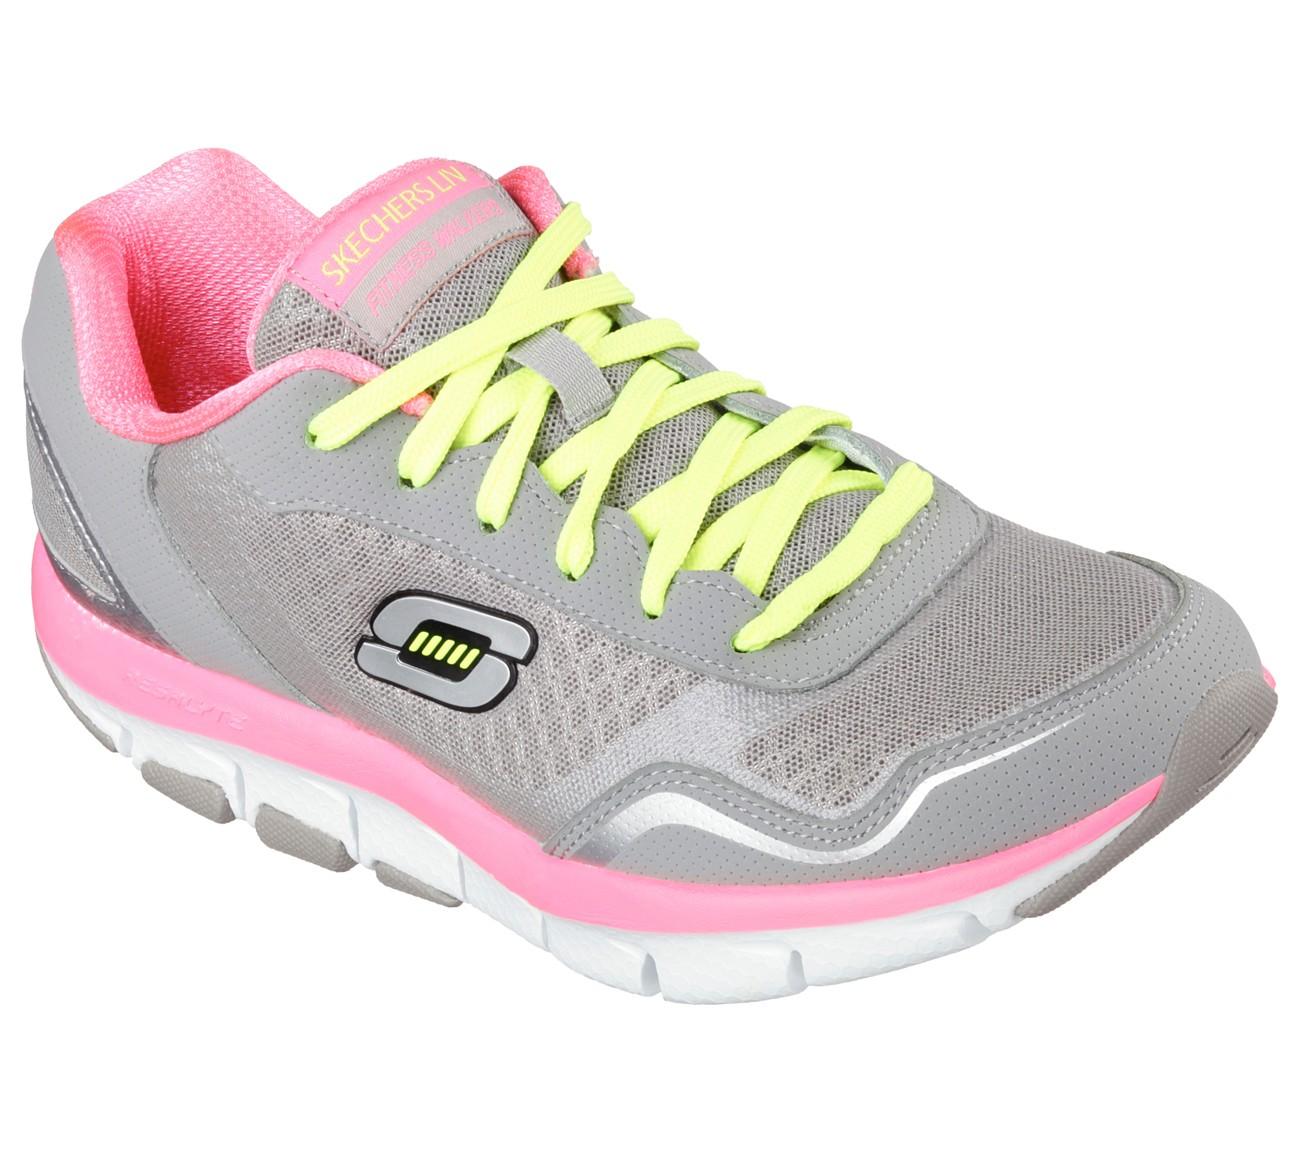 Skechers Bayan Yürüyüş Ayakkabısı Modelleri-Ayakkabı Modelleri (29)